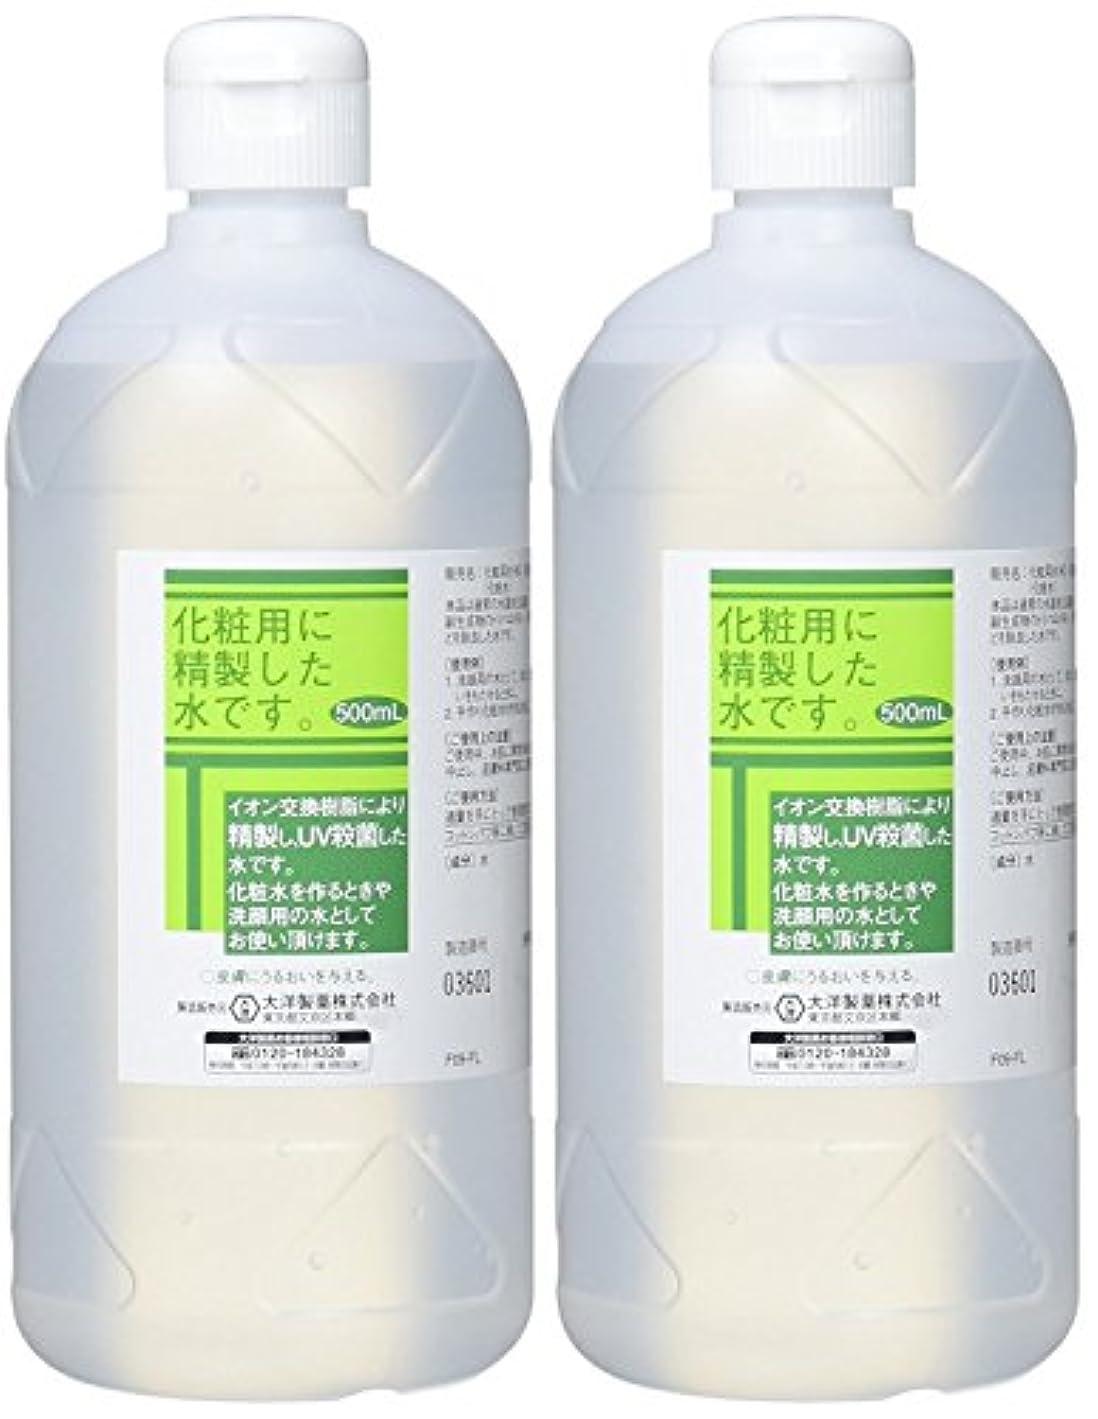 テキスト鏡一致化粧用 精製水 HG 500ml×2個